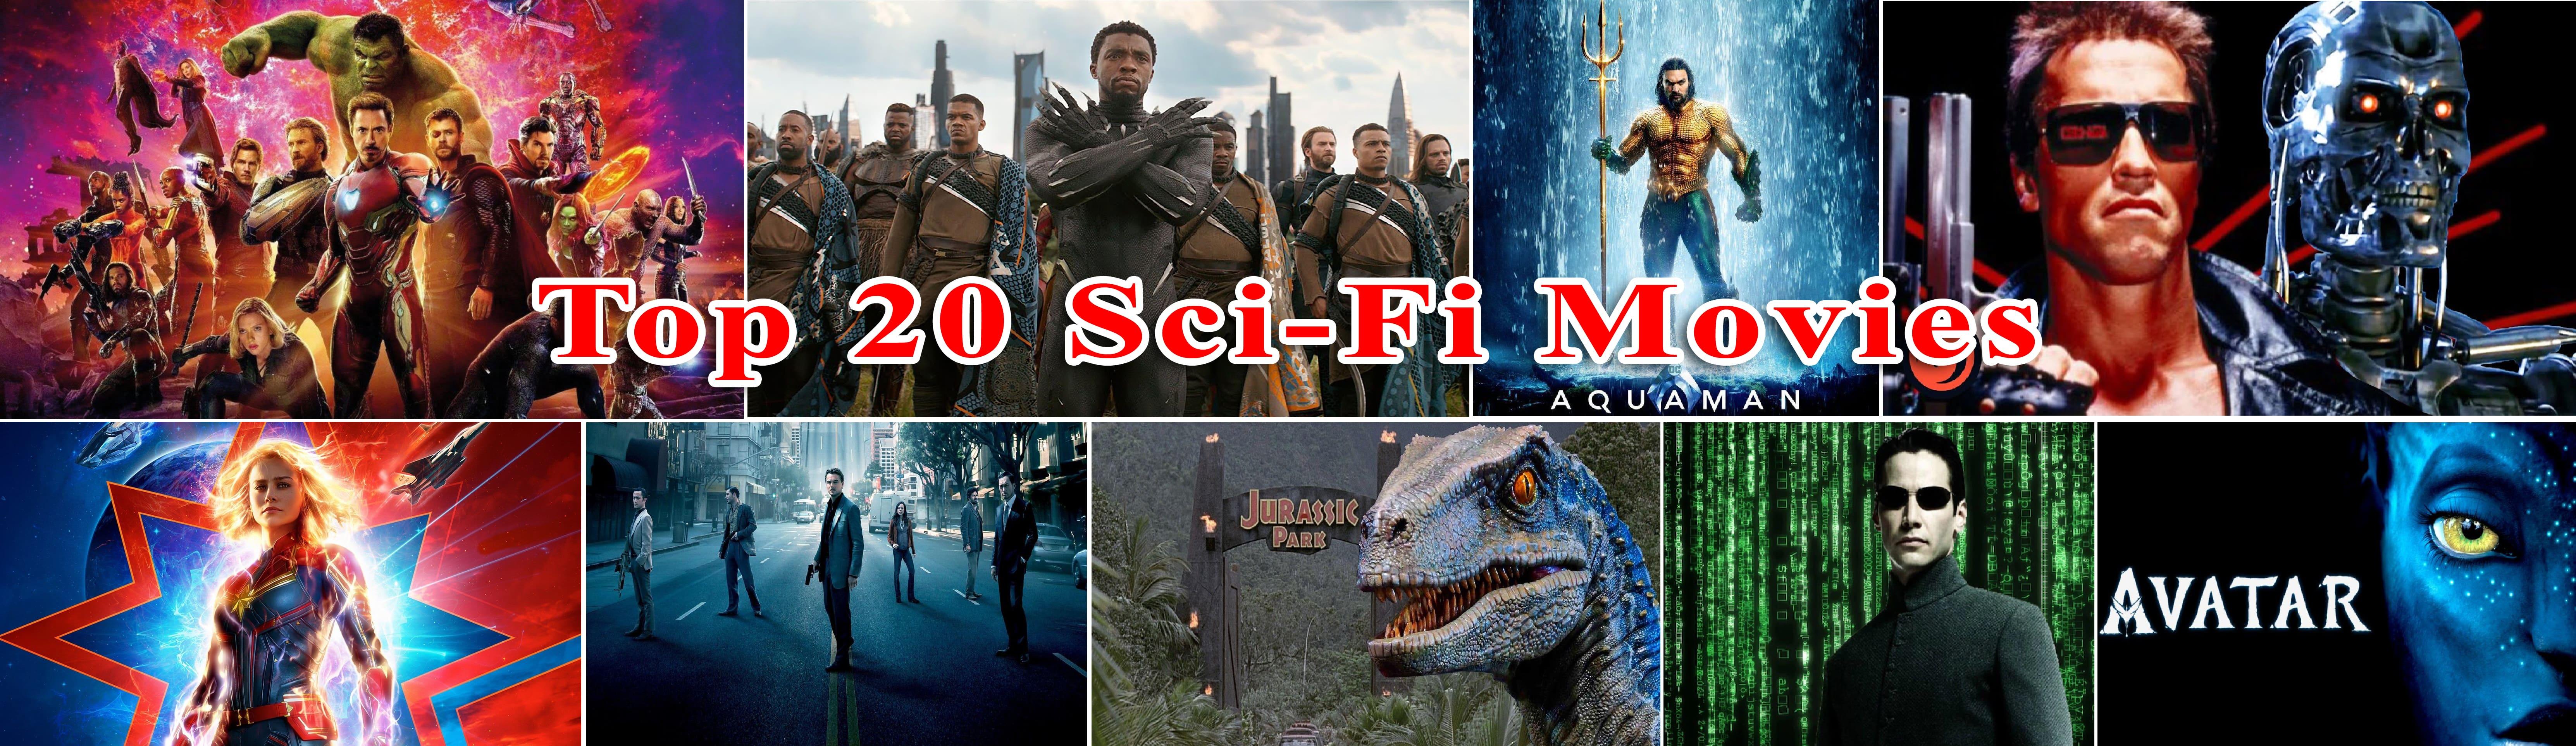 Top 20 Sci-Fi Movies